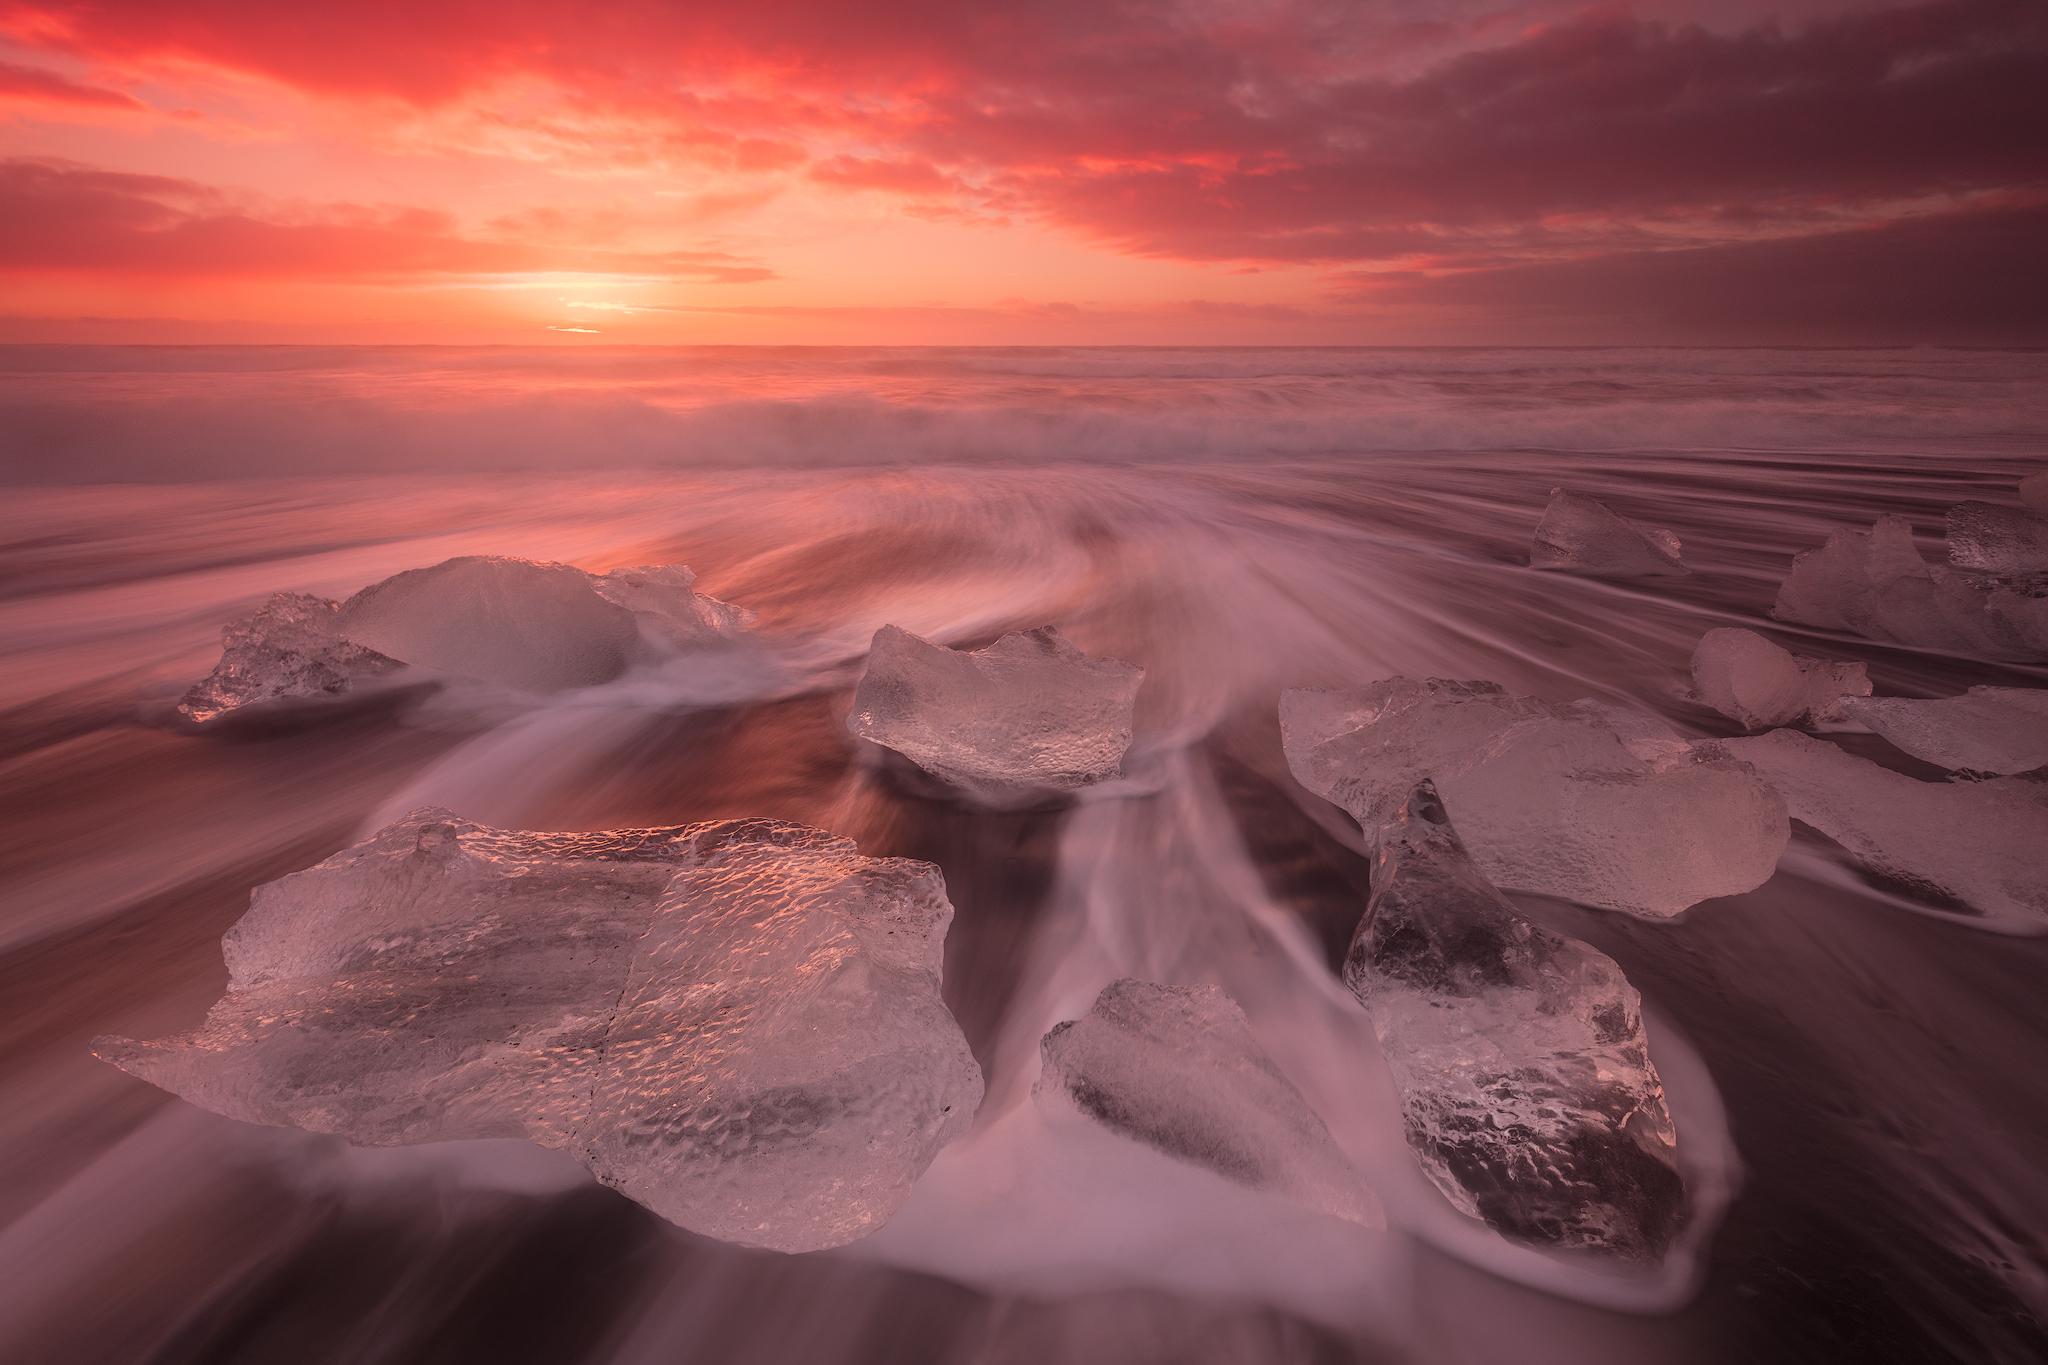 9-дневный осенний фототур: мастер-класс по ландшафтной фотографии в Исландии - day 5